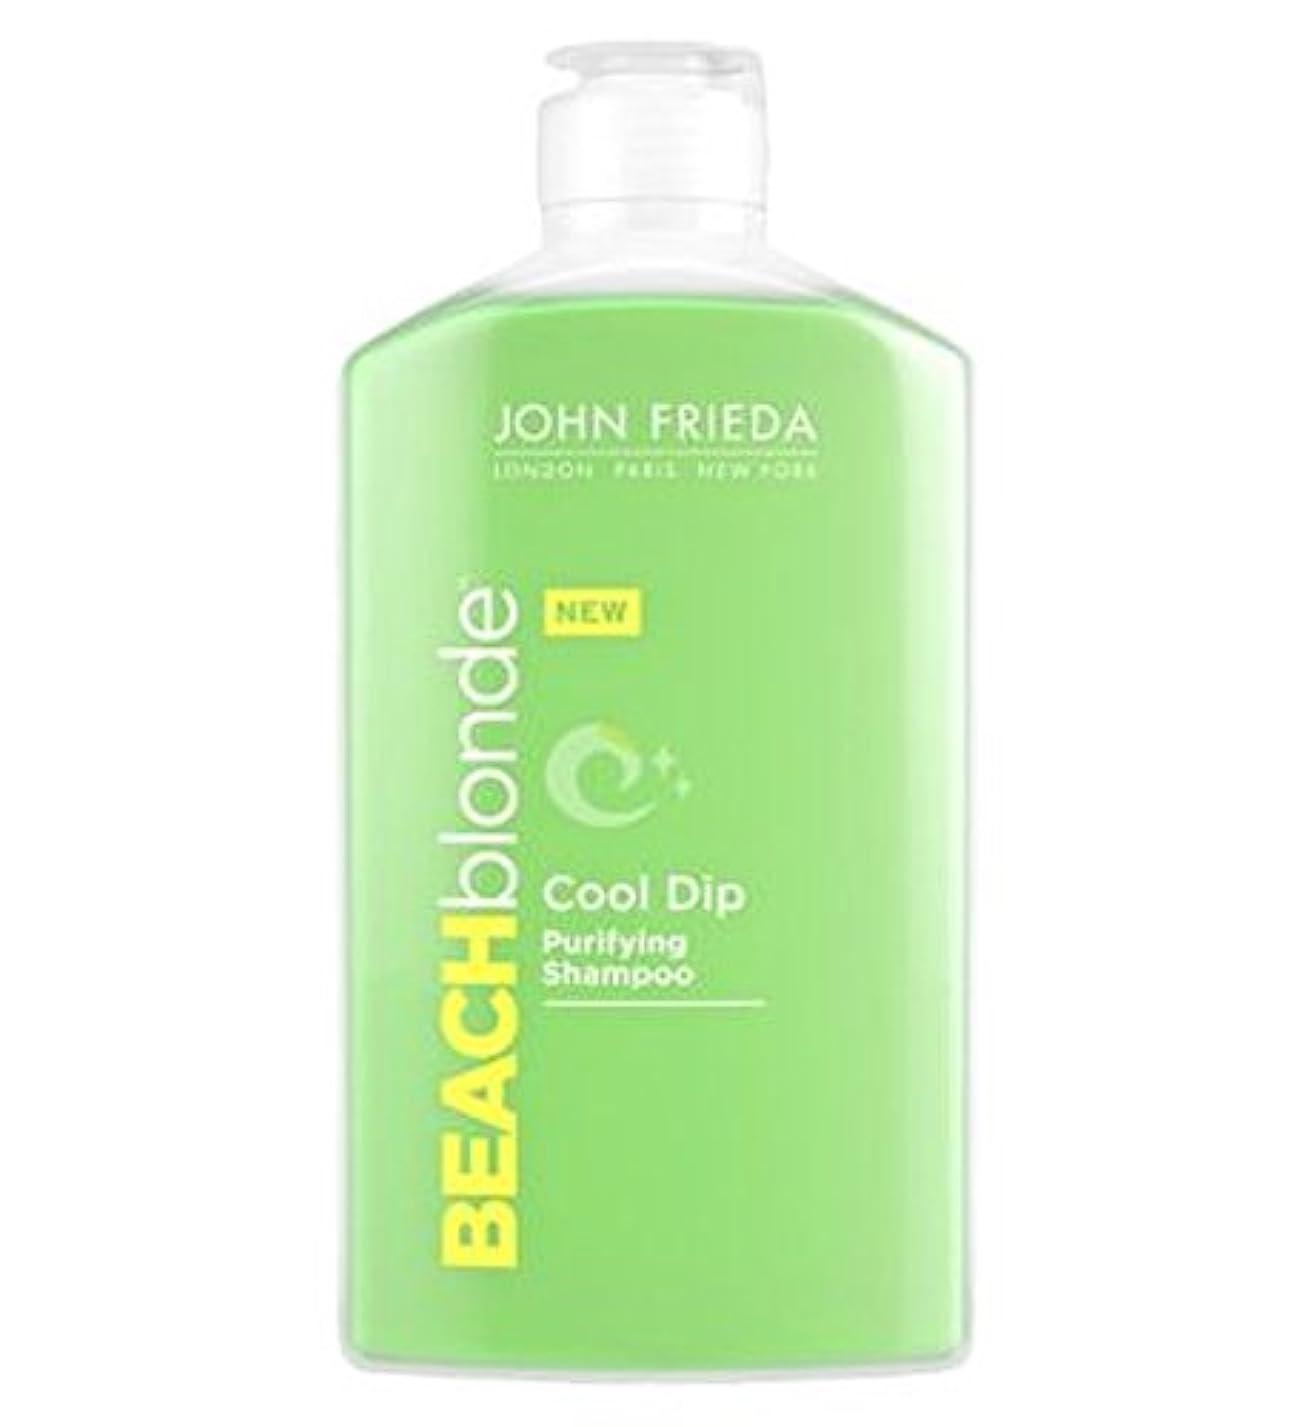 ゲームジャーナル焦げJohn Frieda Beach Blonde Cool Dip Purifying Shampoo 250ml - ジョン?フリーダビーチブロンドのクールなディップ浄化シャンプー250ミリリットル (John Frieda) [並行輸入品]